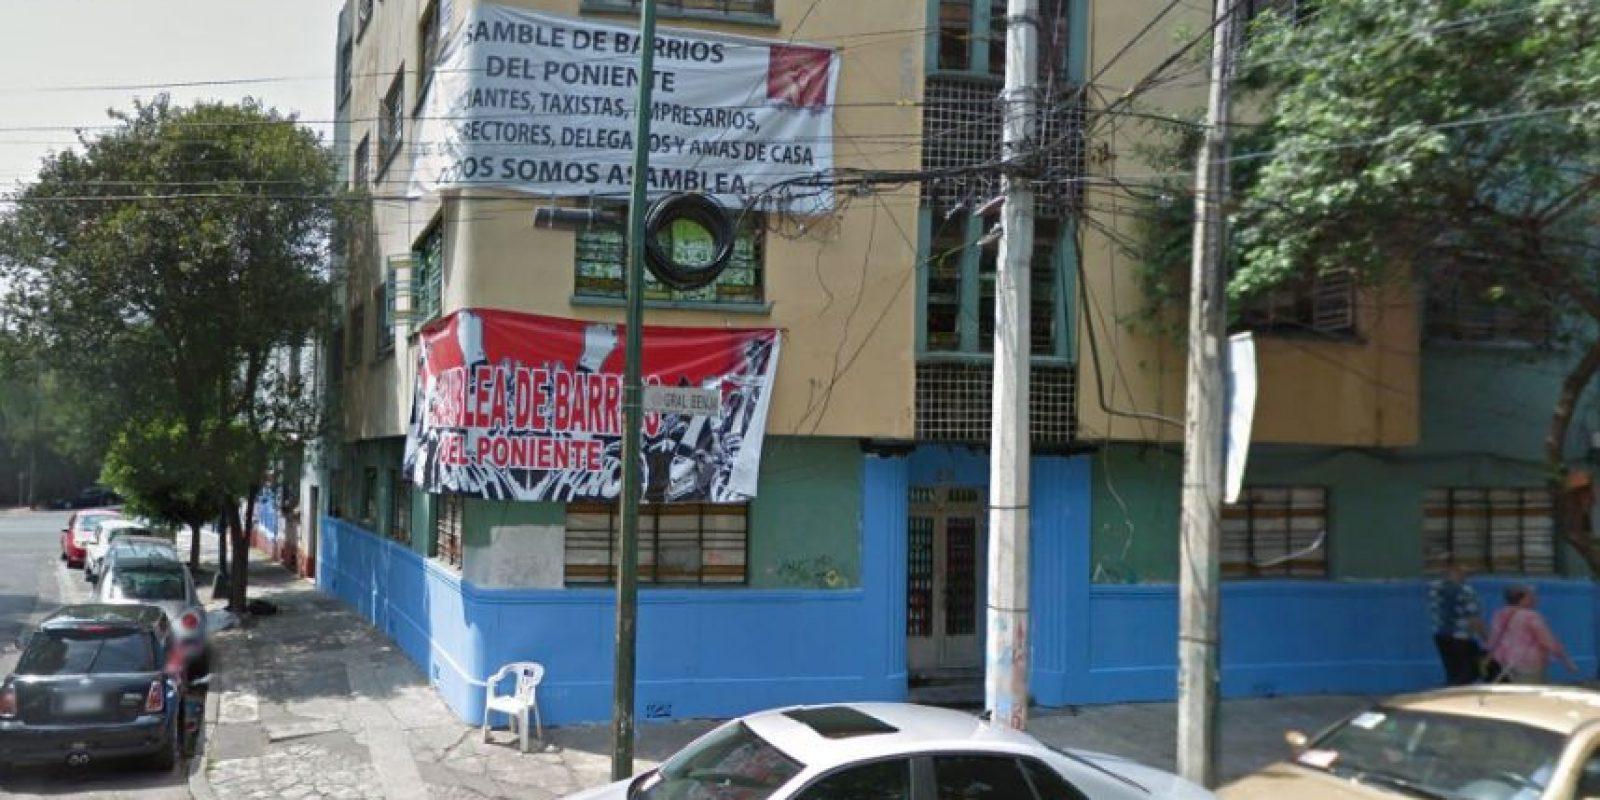 Leyendas de la Asamblea de Barrios presiden la fachada.Marzo 2014 Foto:Google Maps